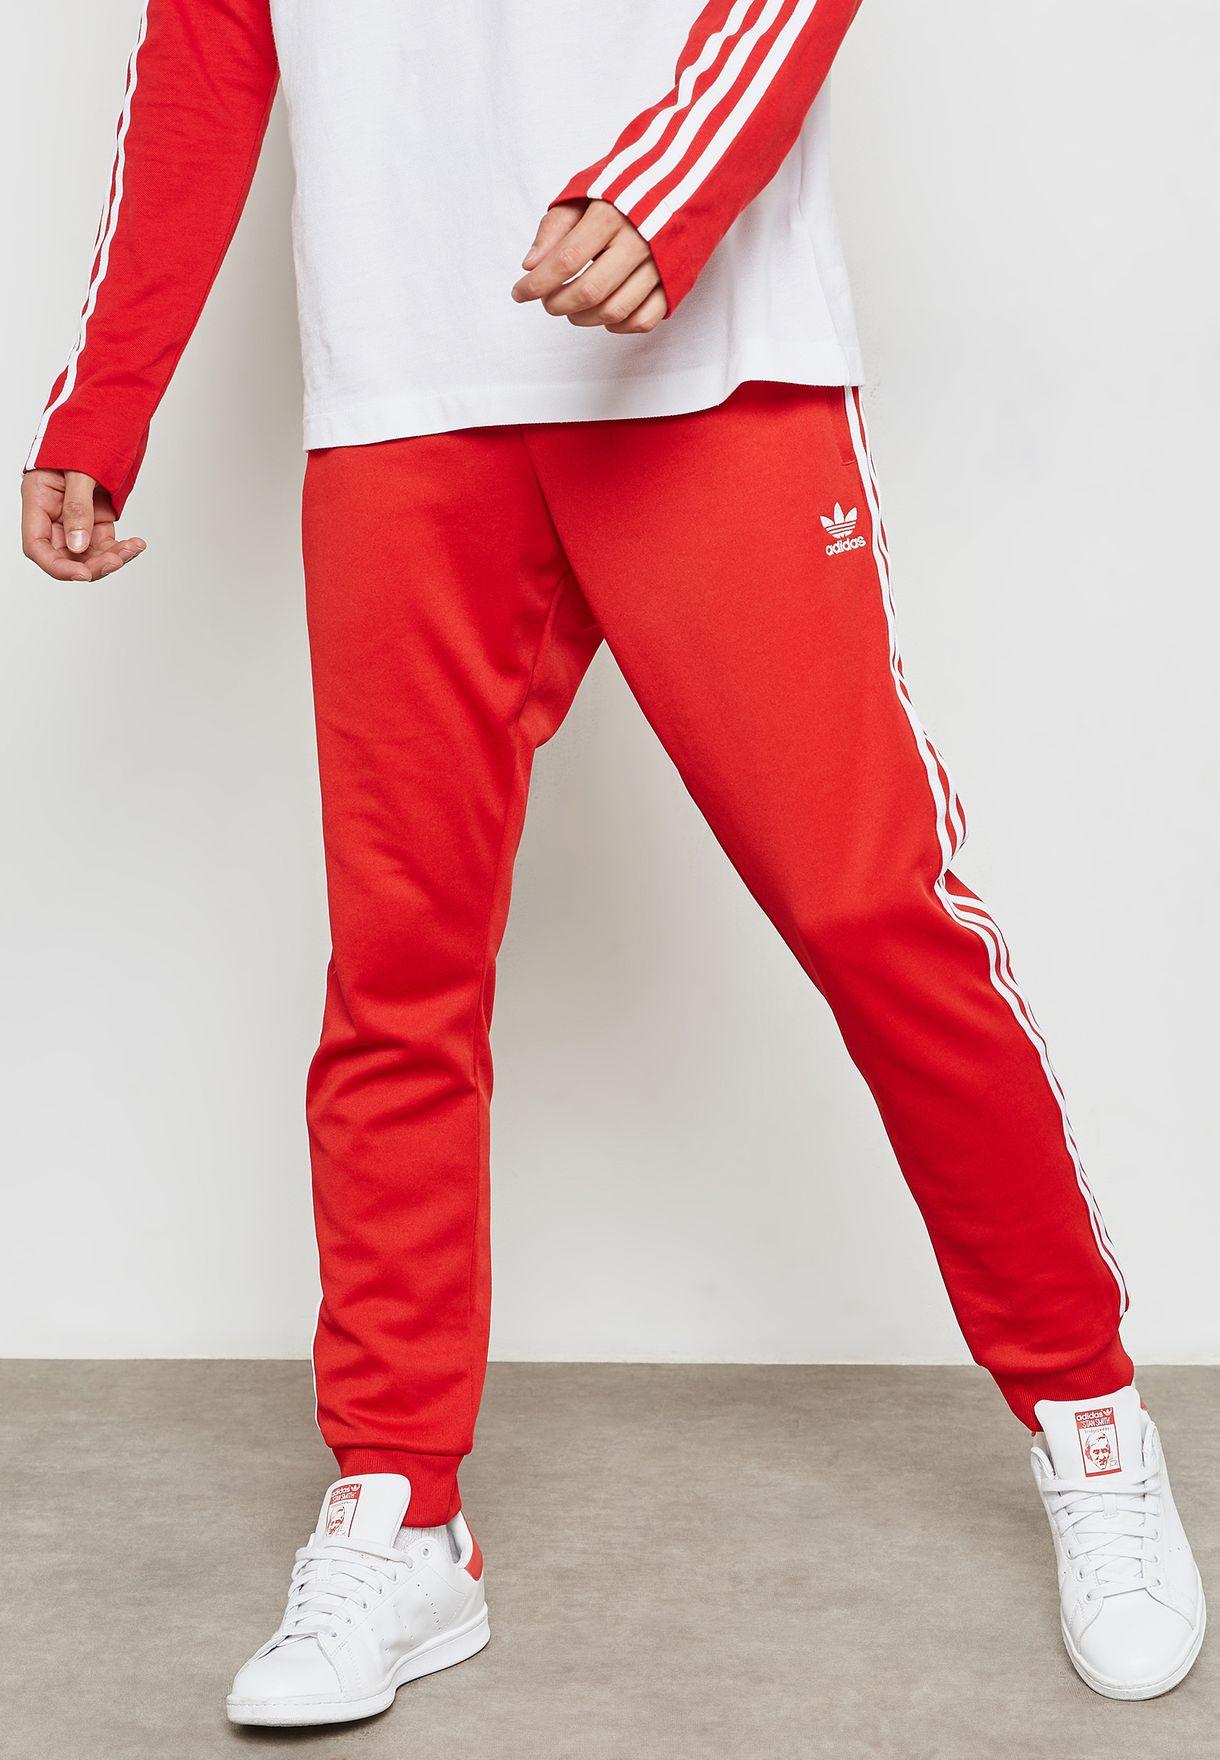 Buy adidas Originals red adicolor